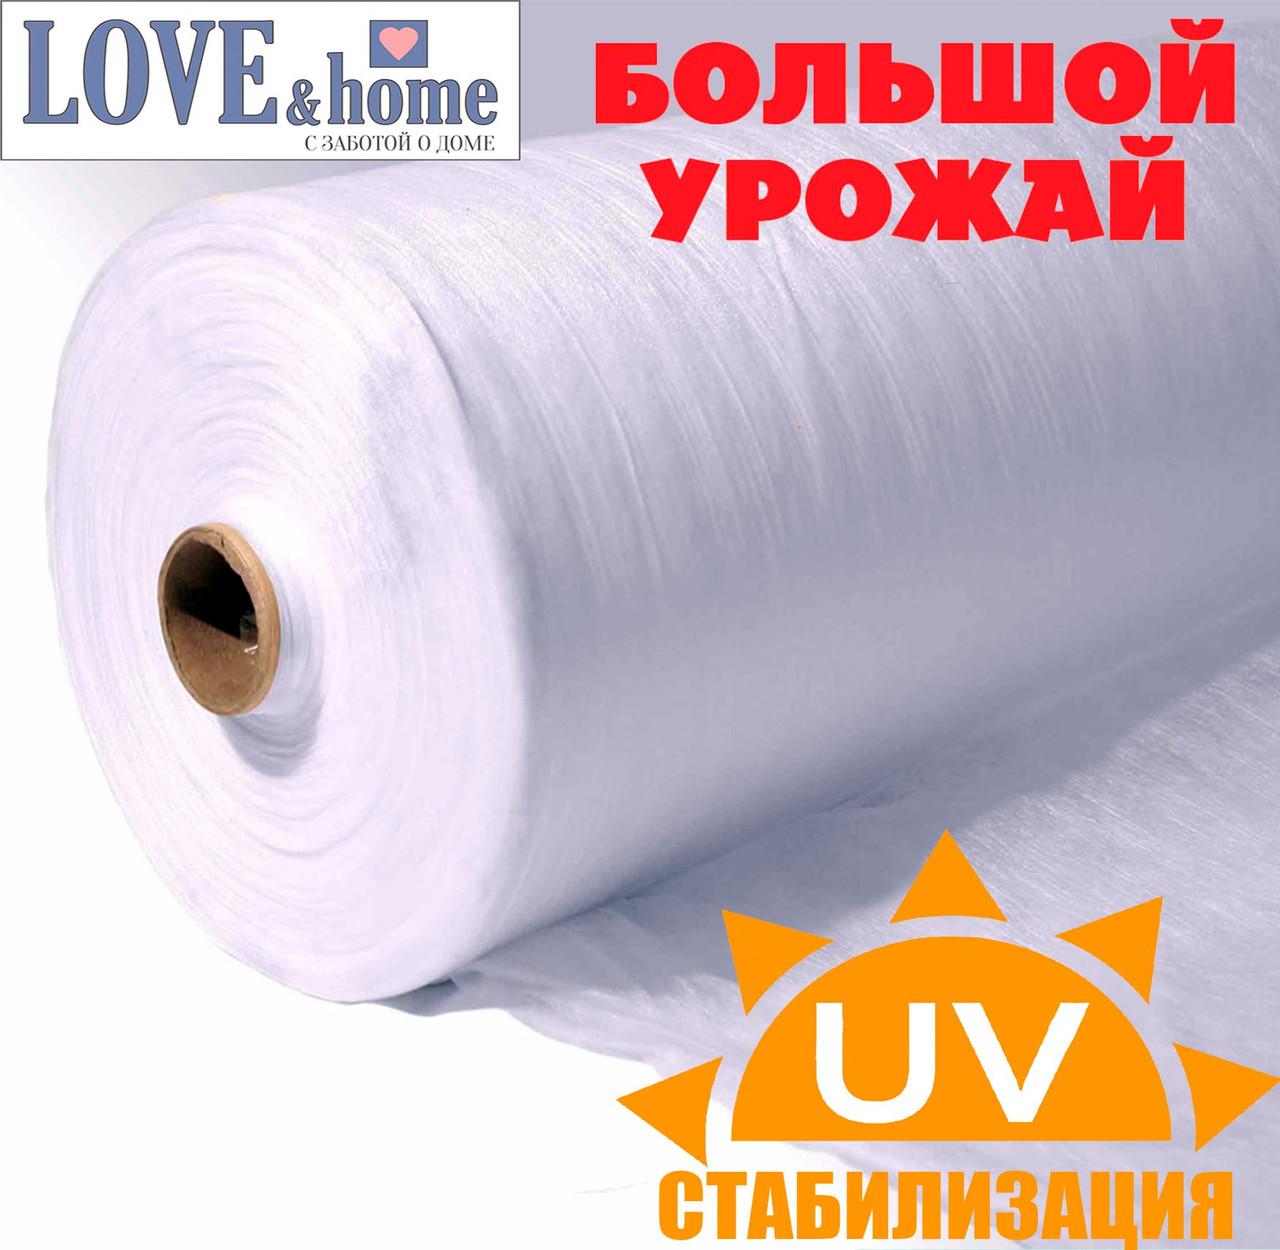 Агроволокно белое, плотность 23г/м². ширина 6.4 м. длинна 100м.